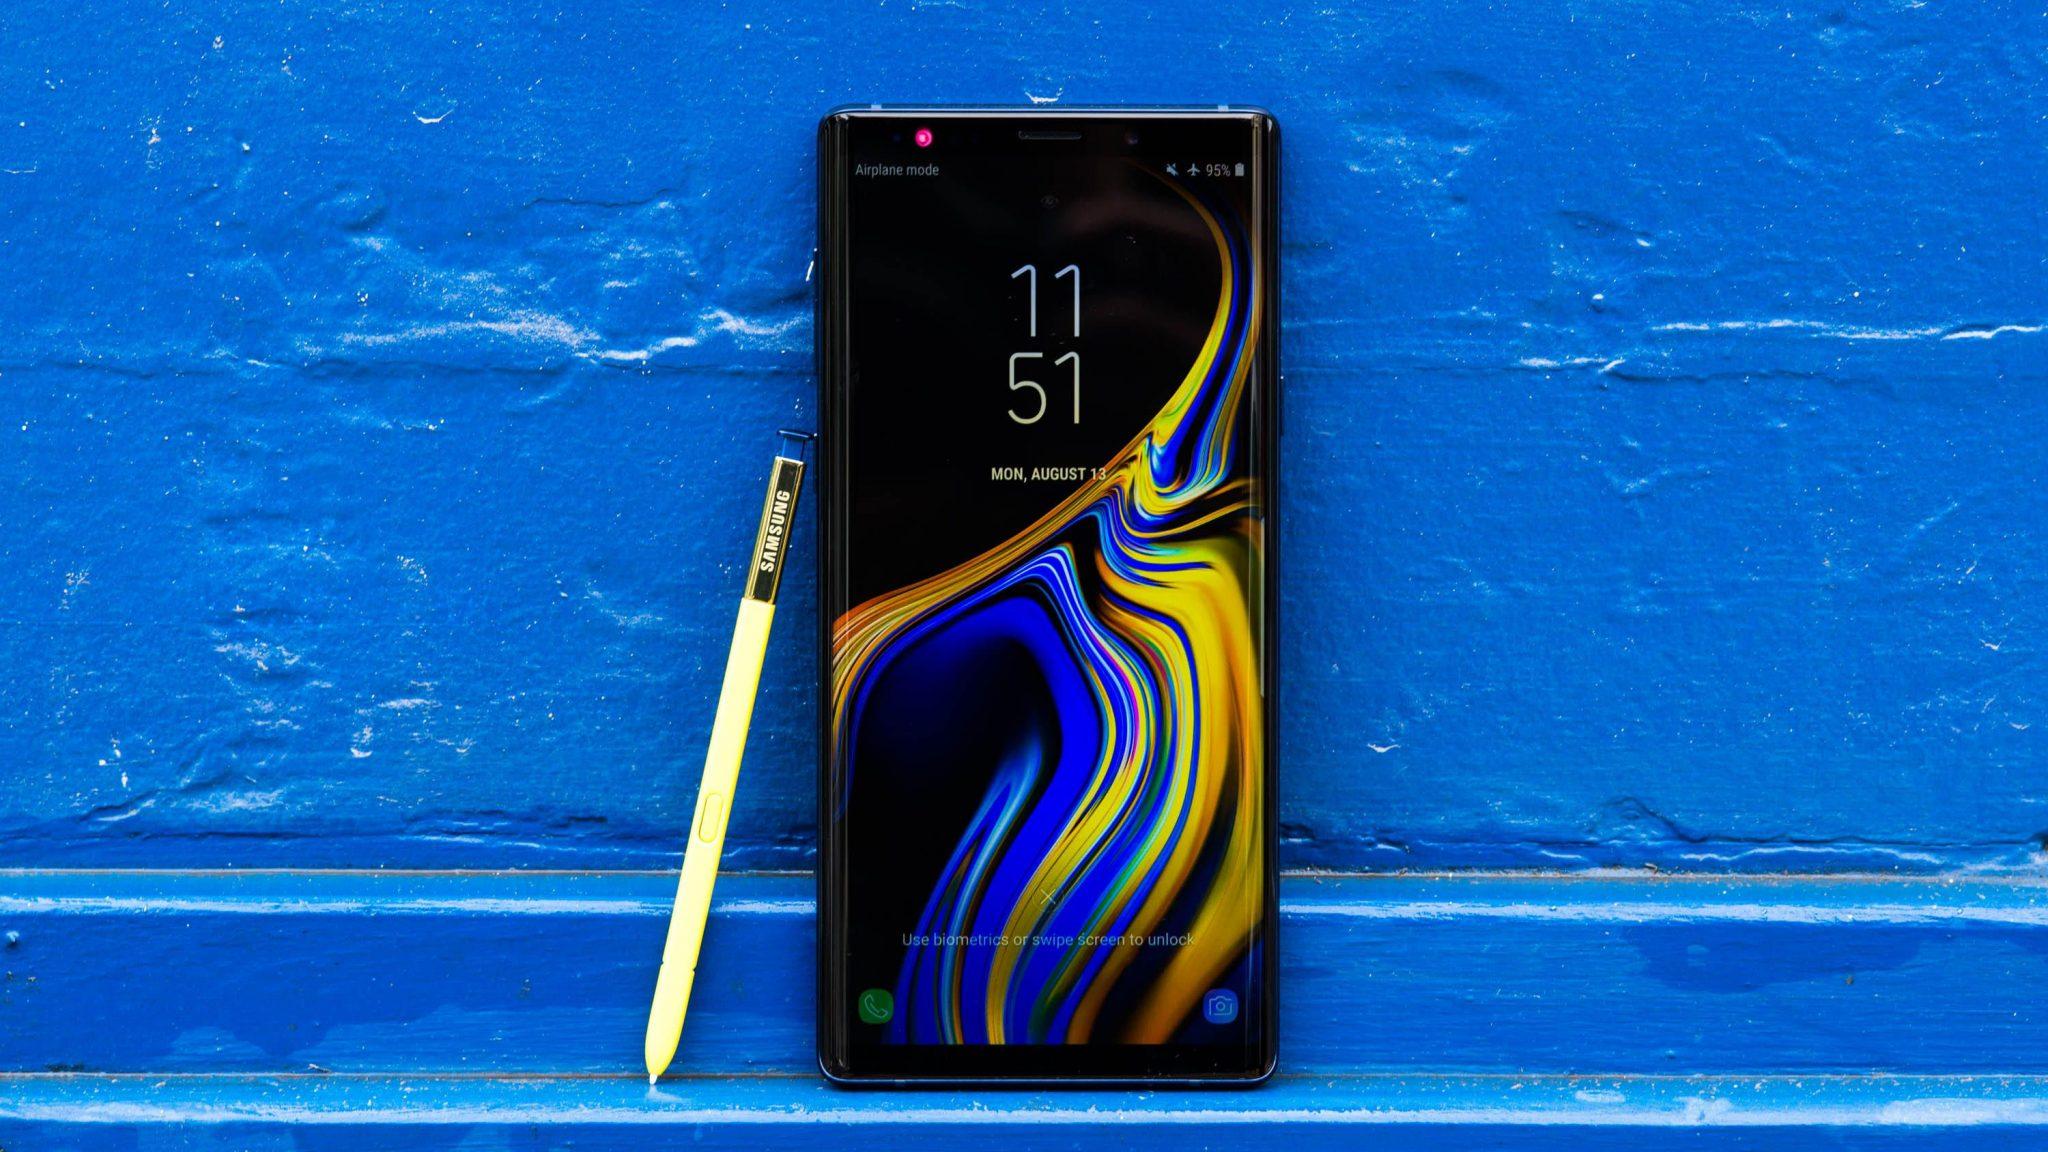 Samsung Galaxy Note 9 - 10 Best Smartphone Camera 2019 List